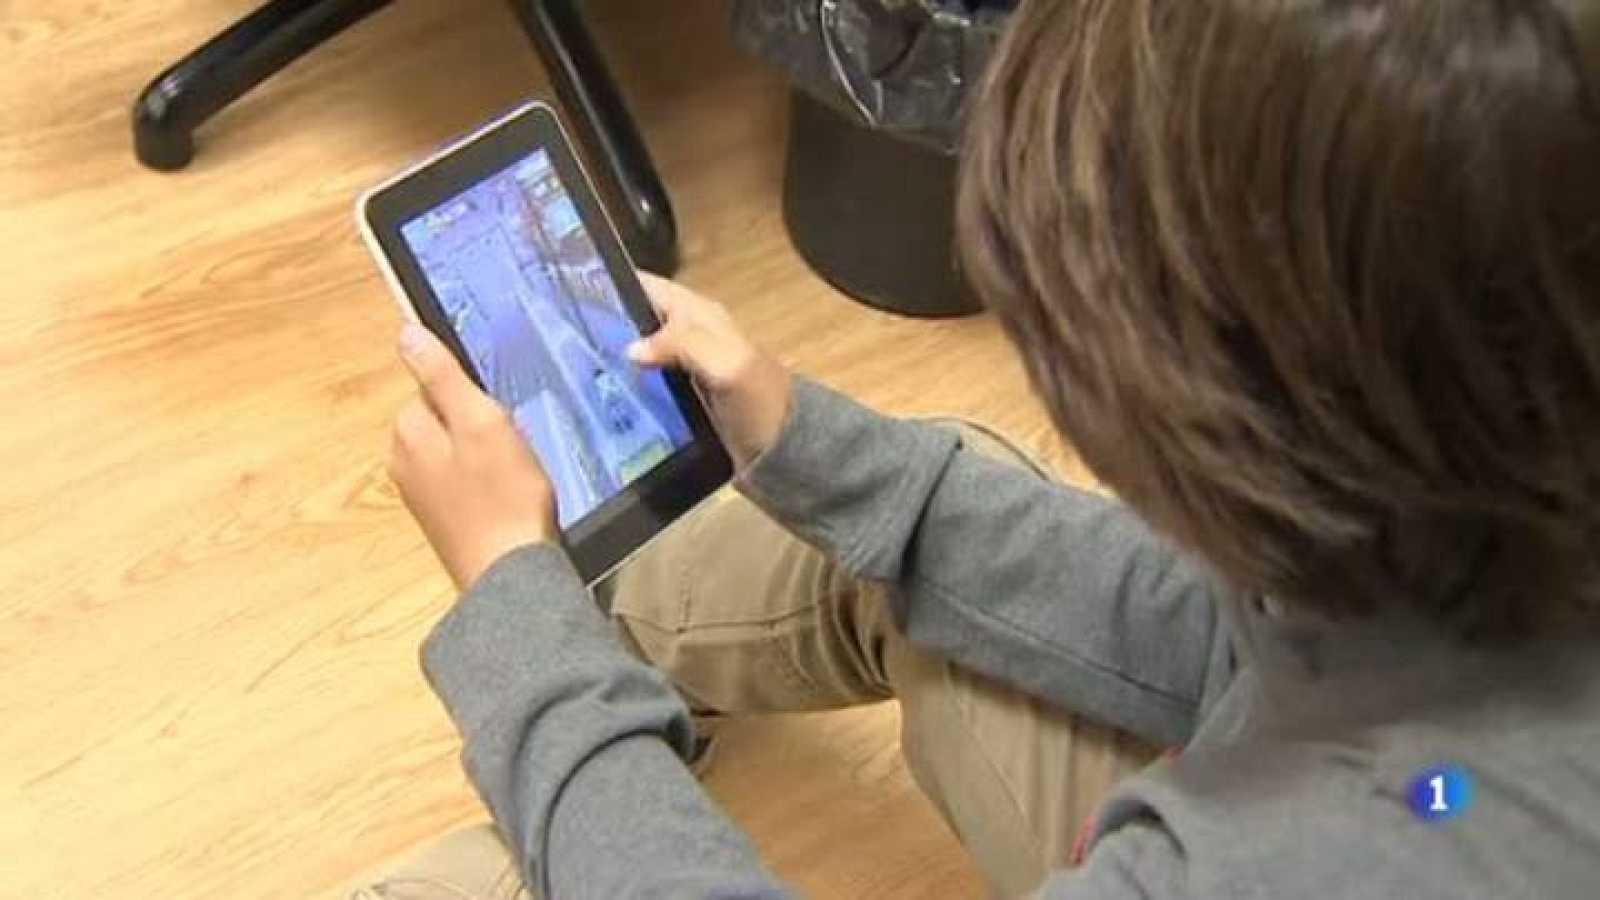 La relació, de vegades difícil, dels nens amb la tecnologia